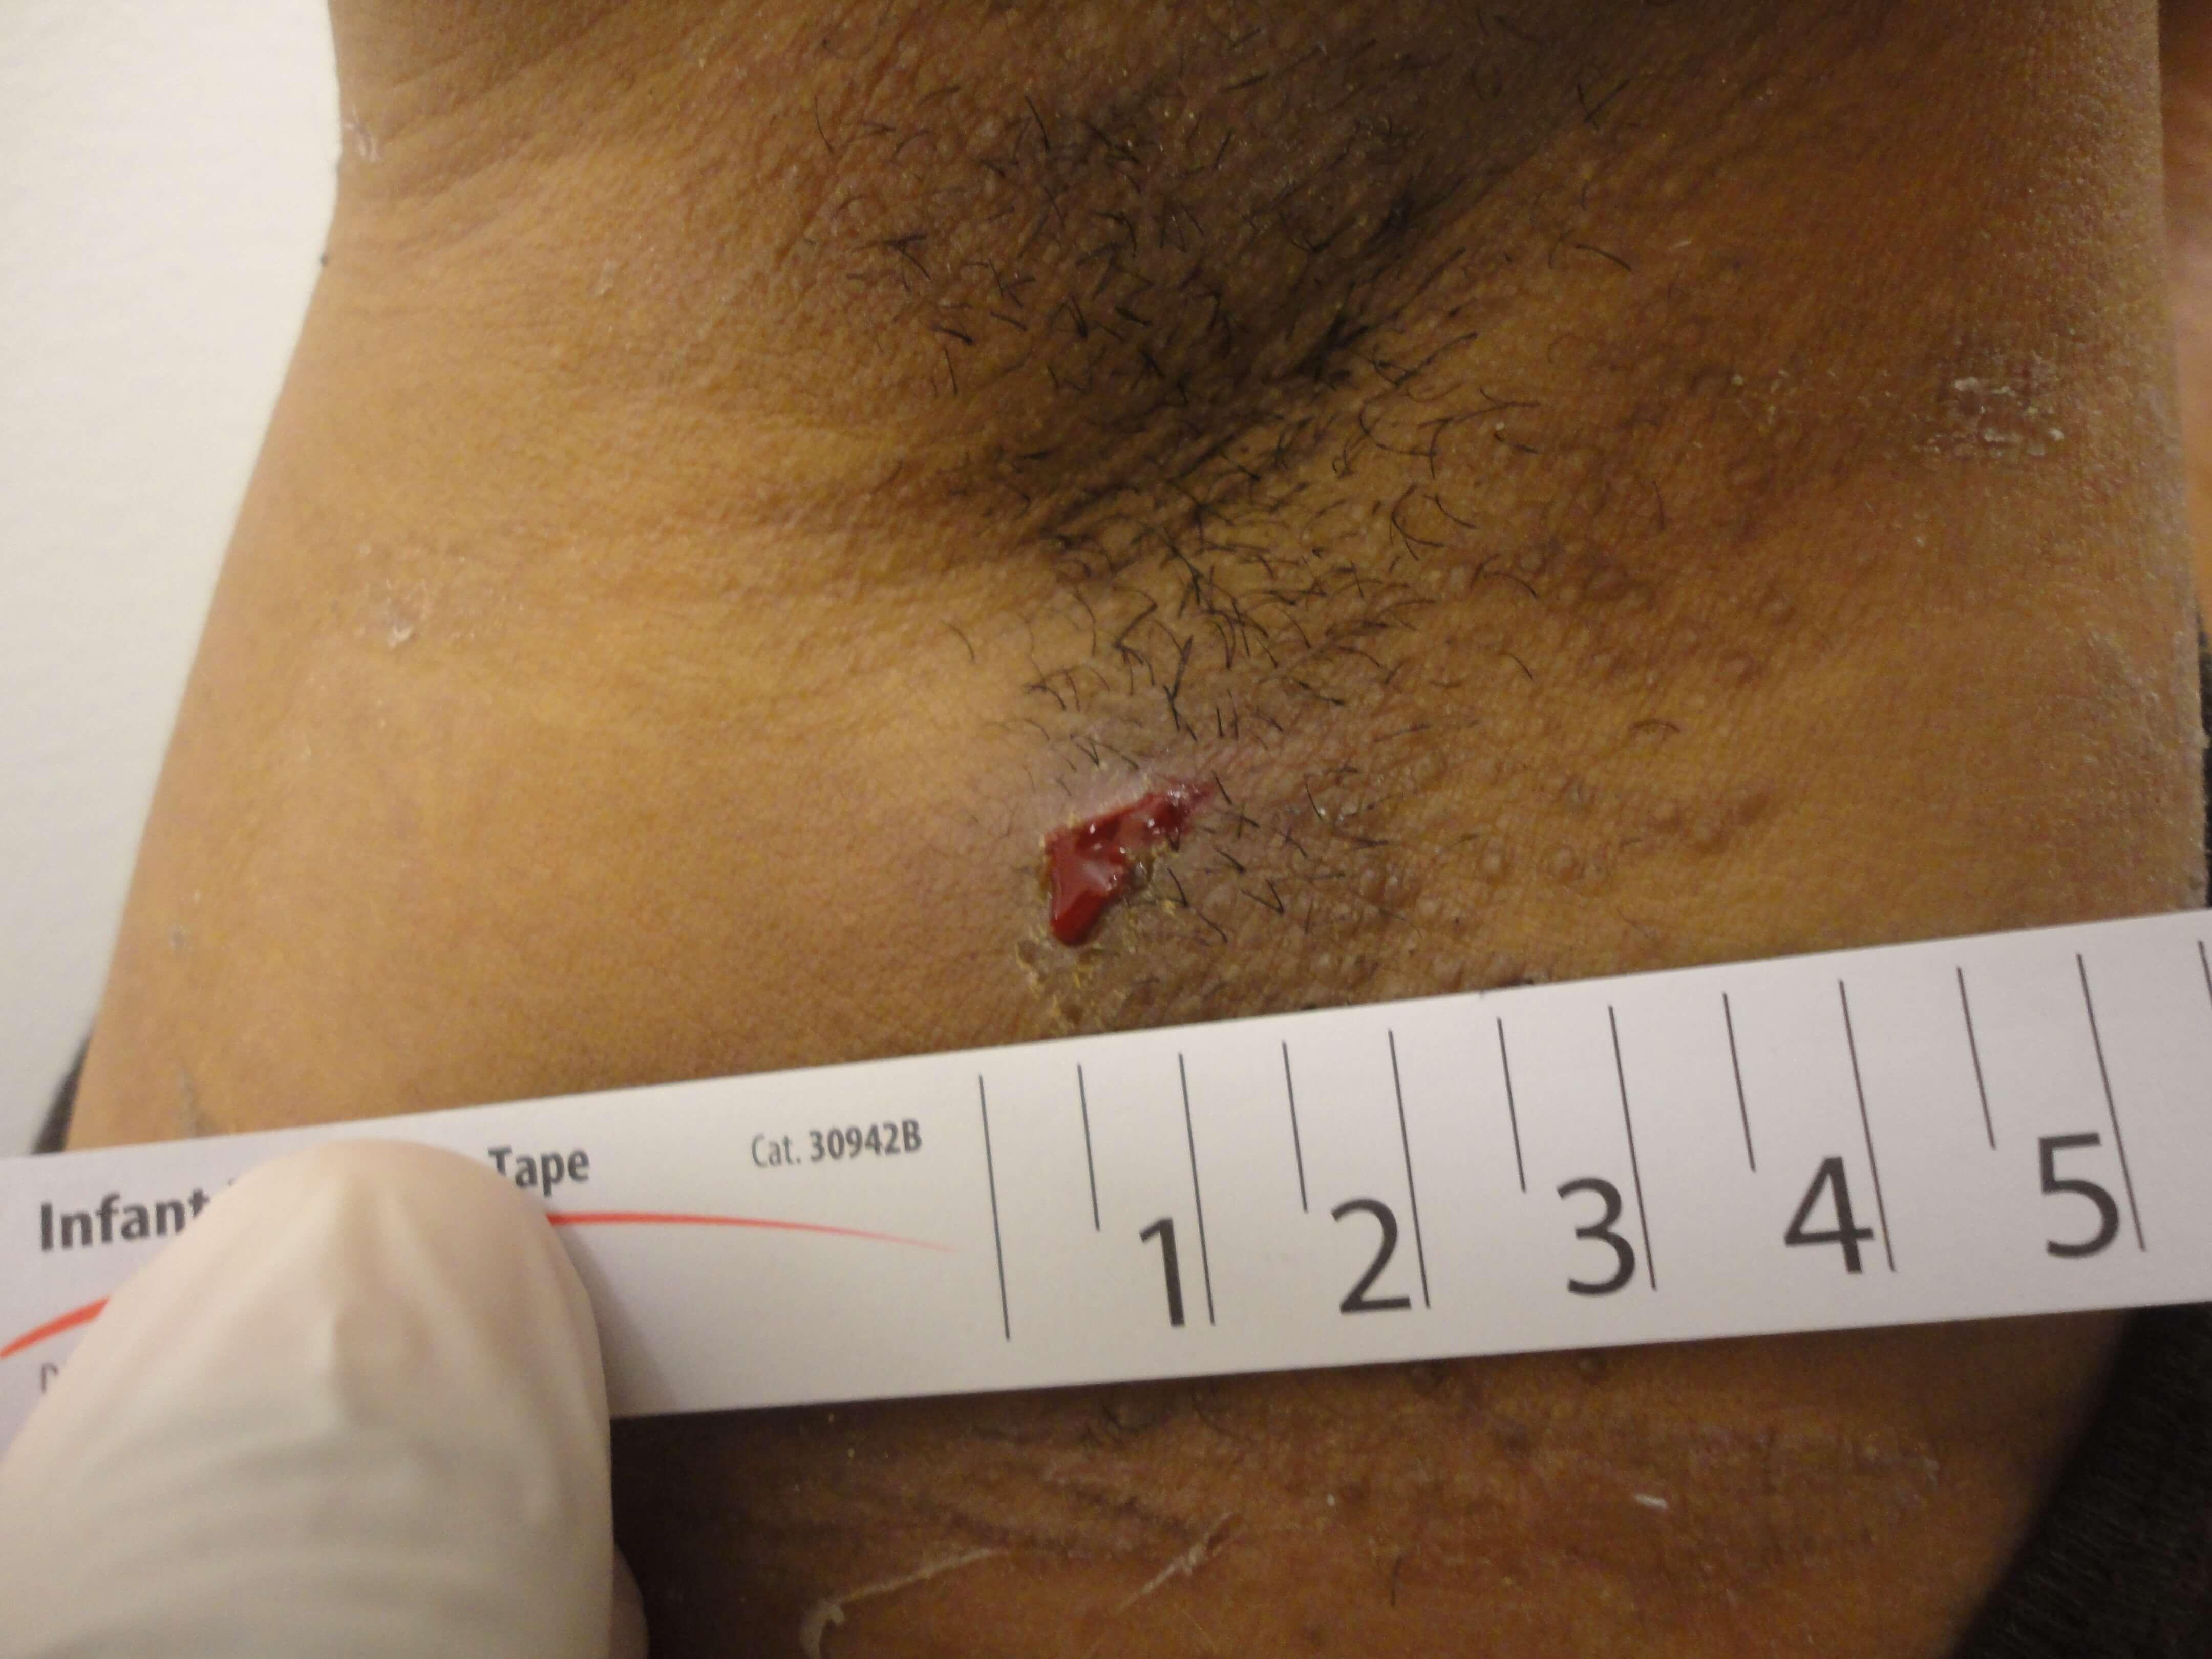 Derma-Stent scar results shown.